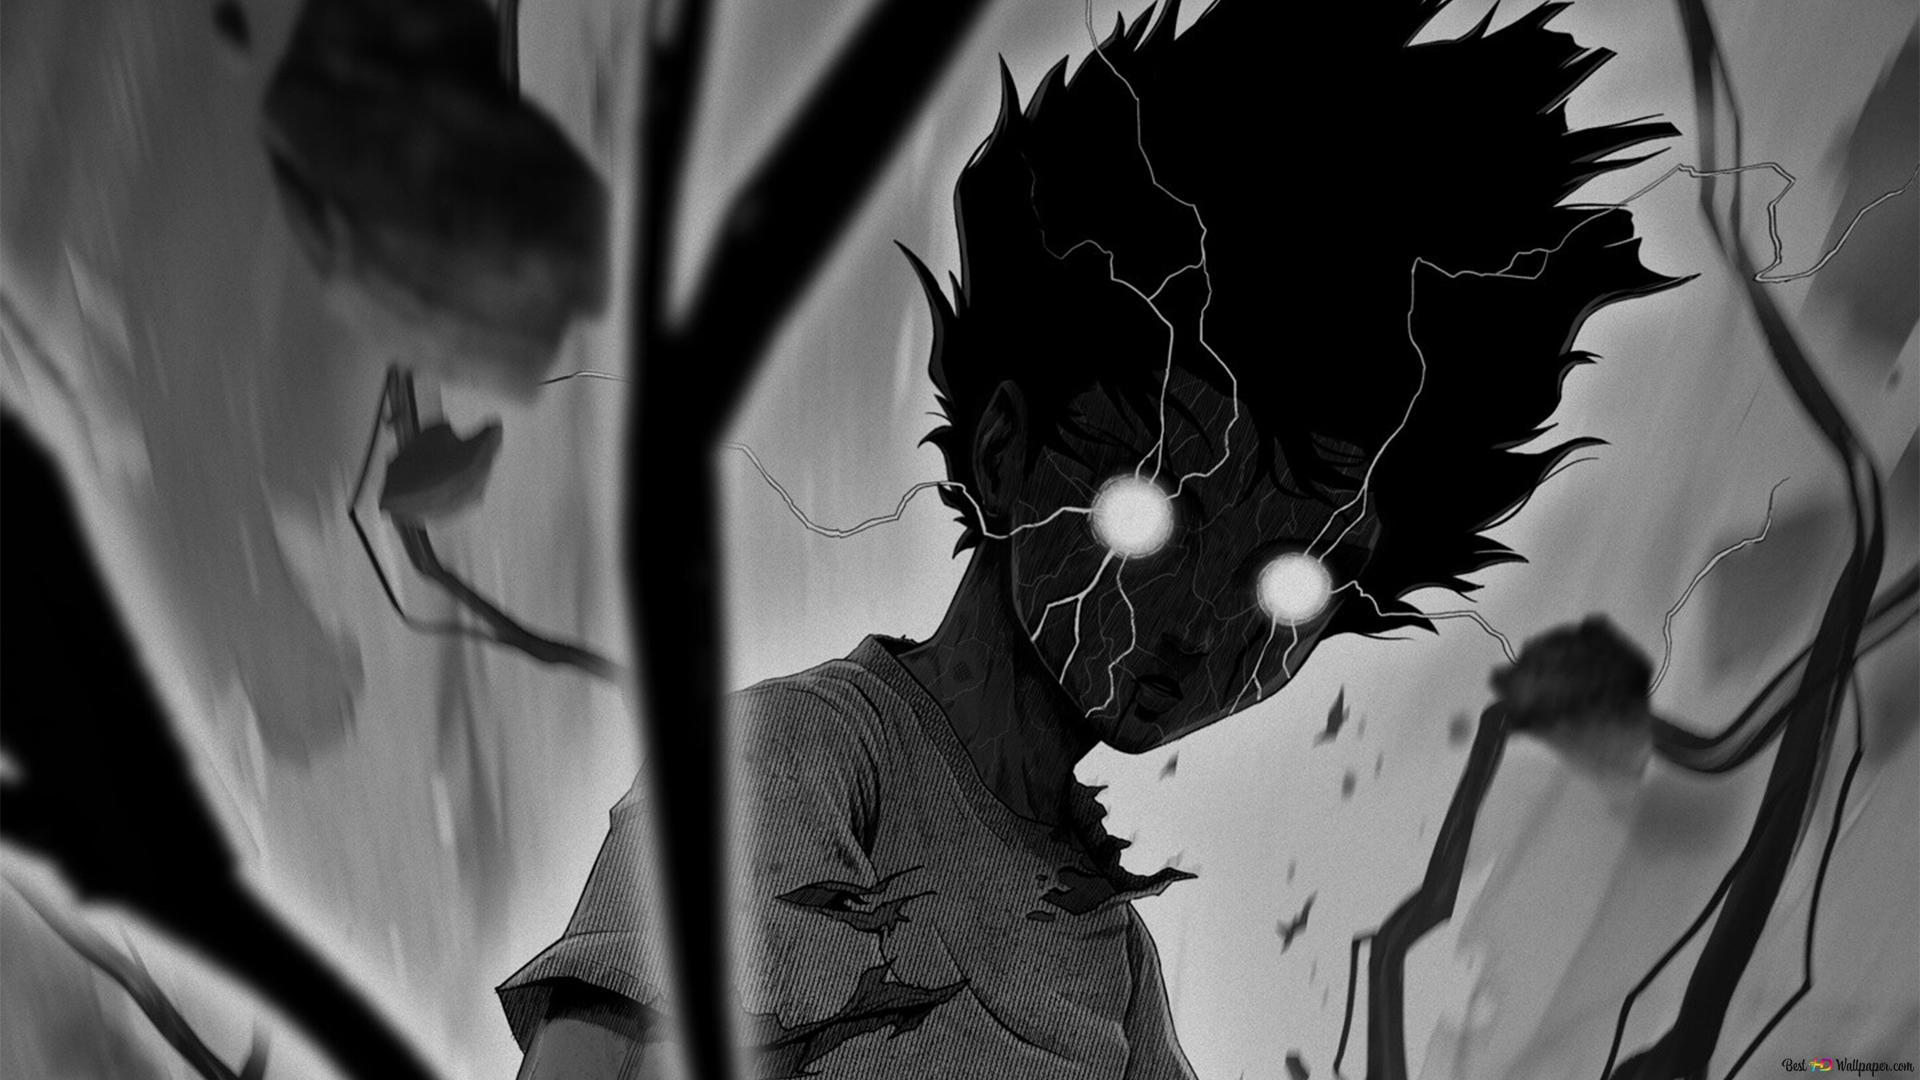 Mob Psycho 100 - Shigeo Kageyama (White